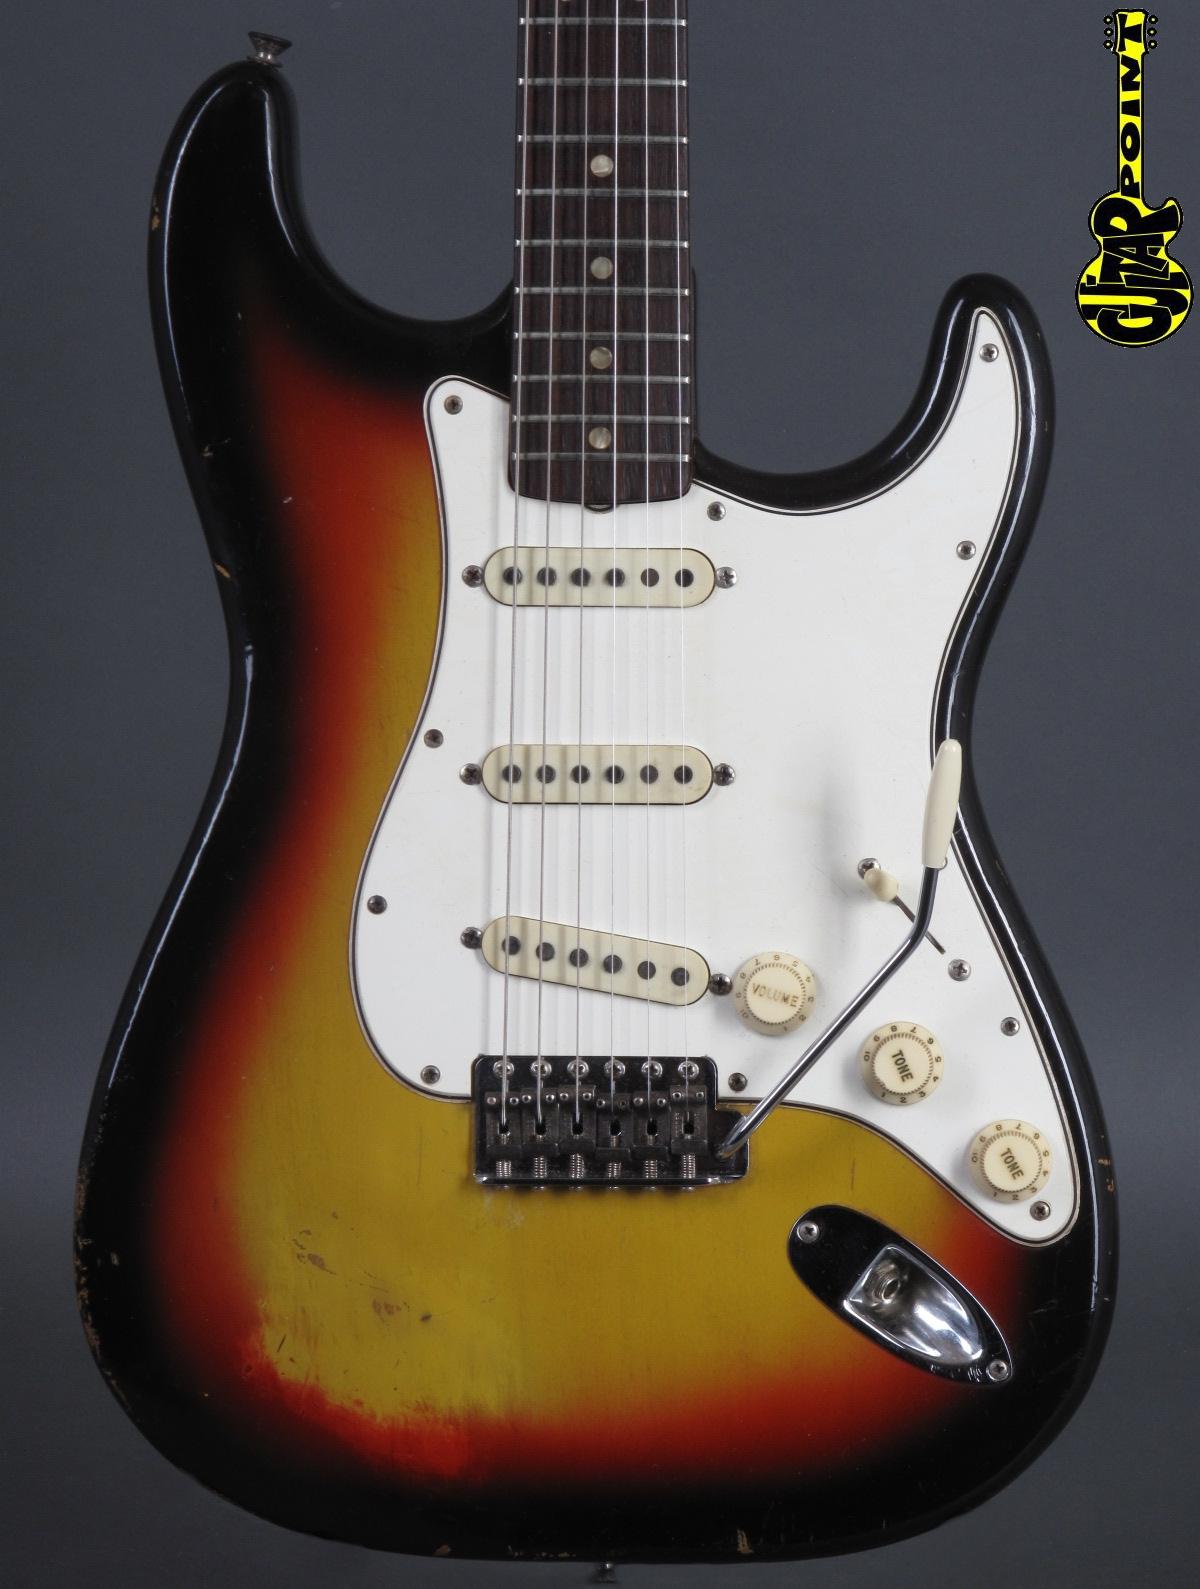 1966 Fender Stratocaster 3-tone Sunburst